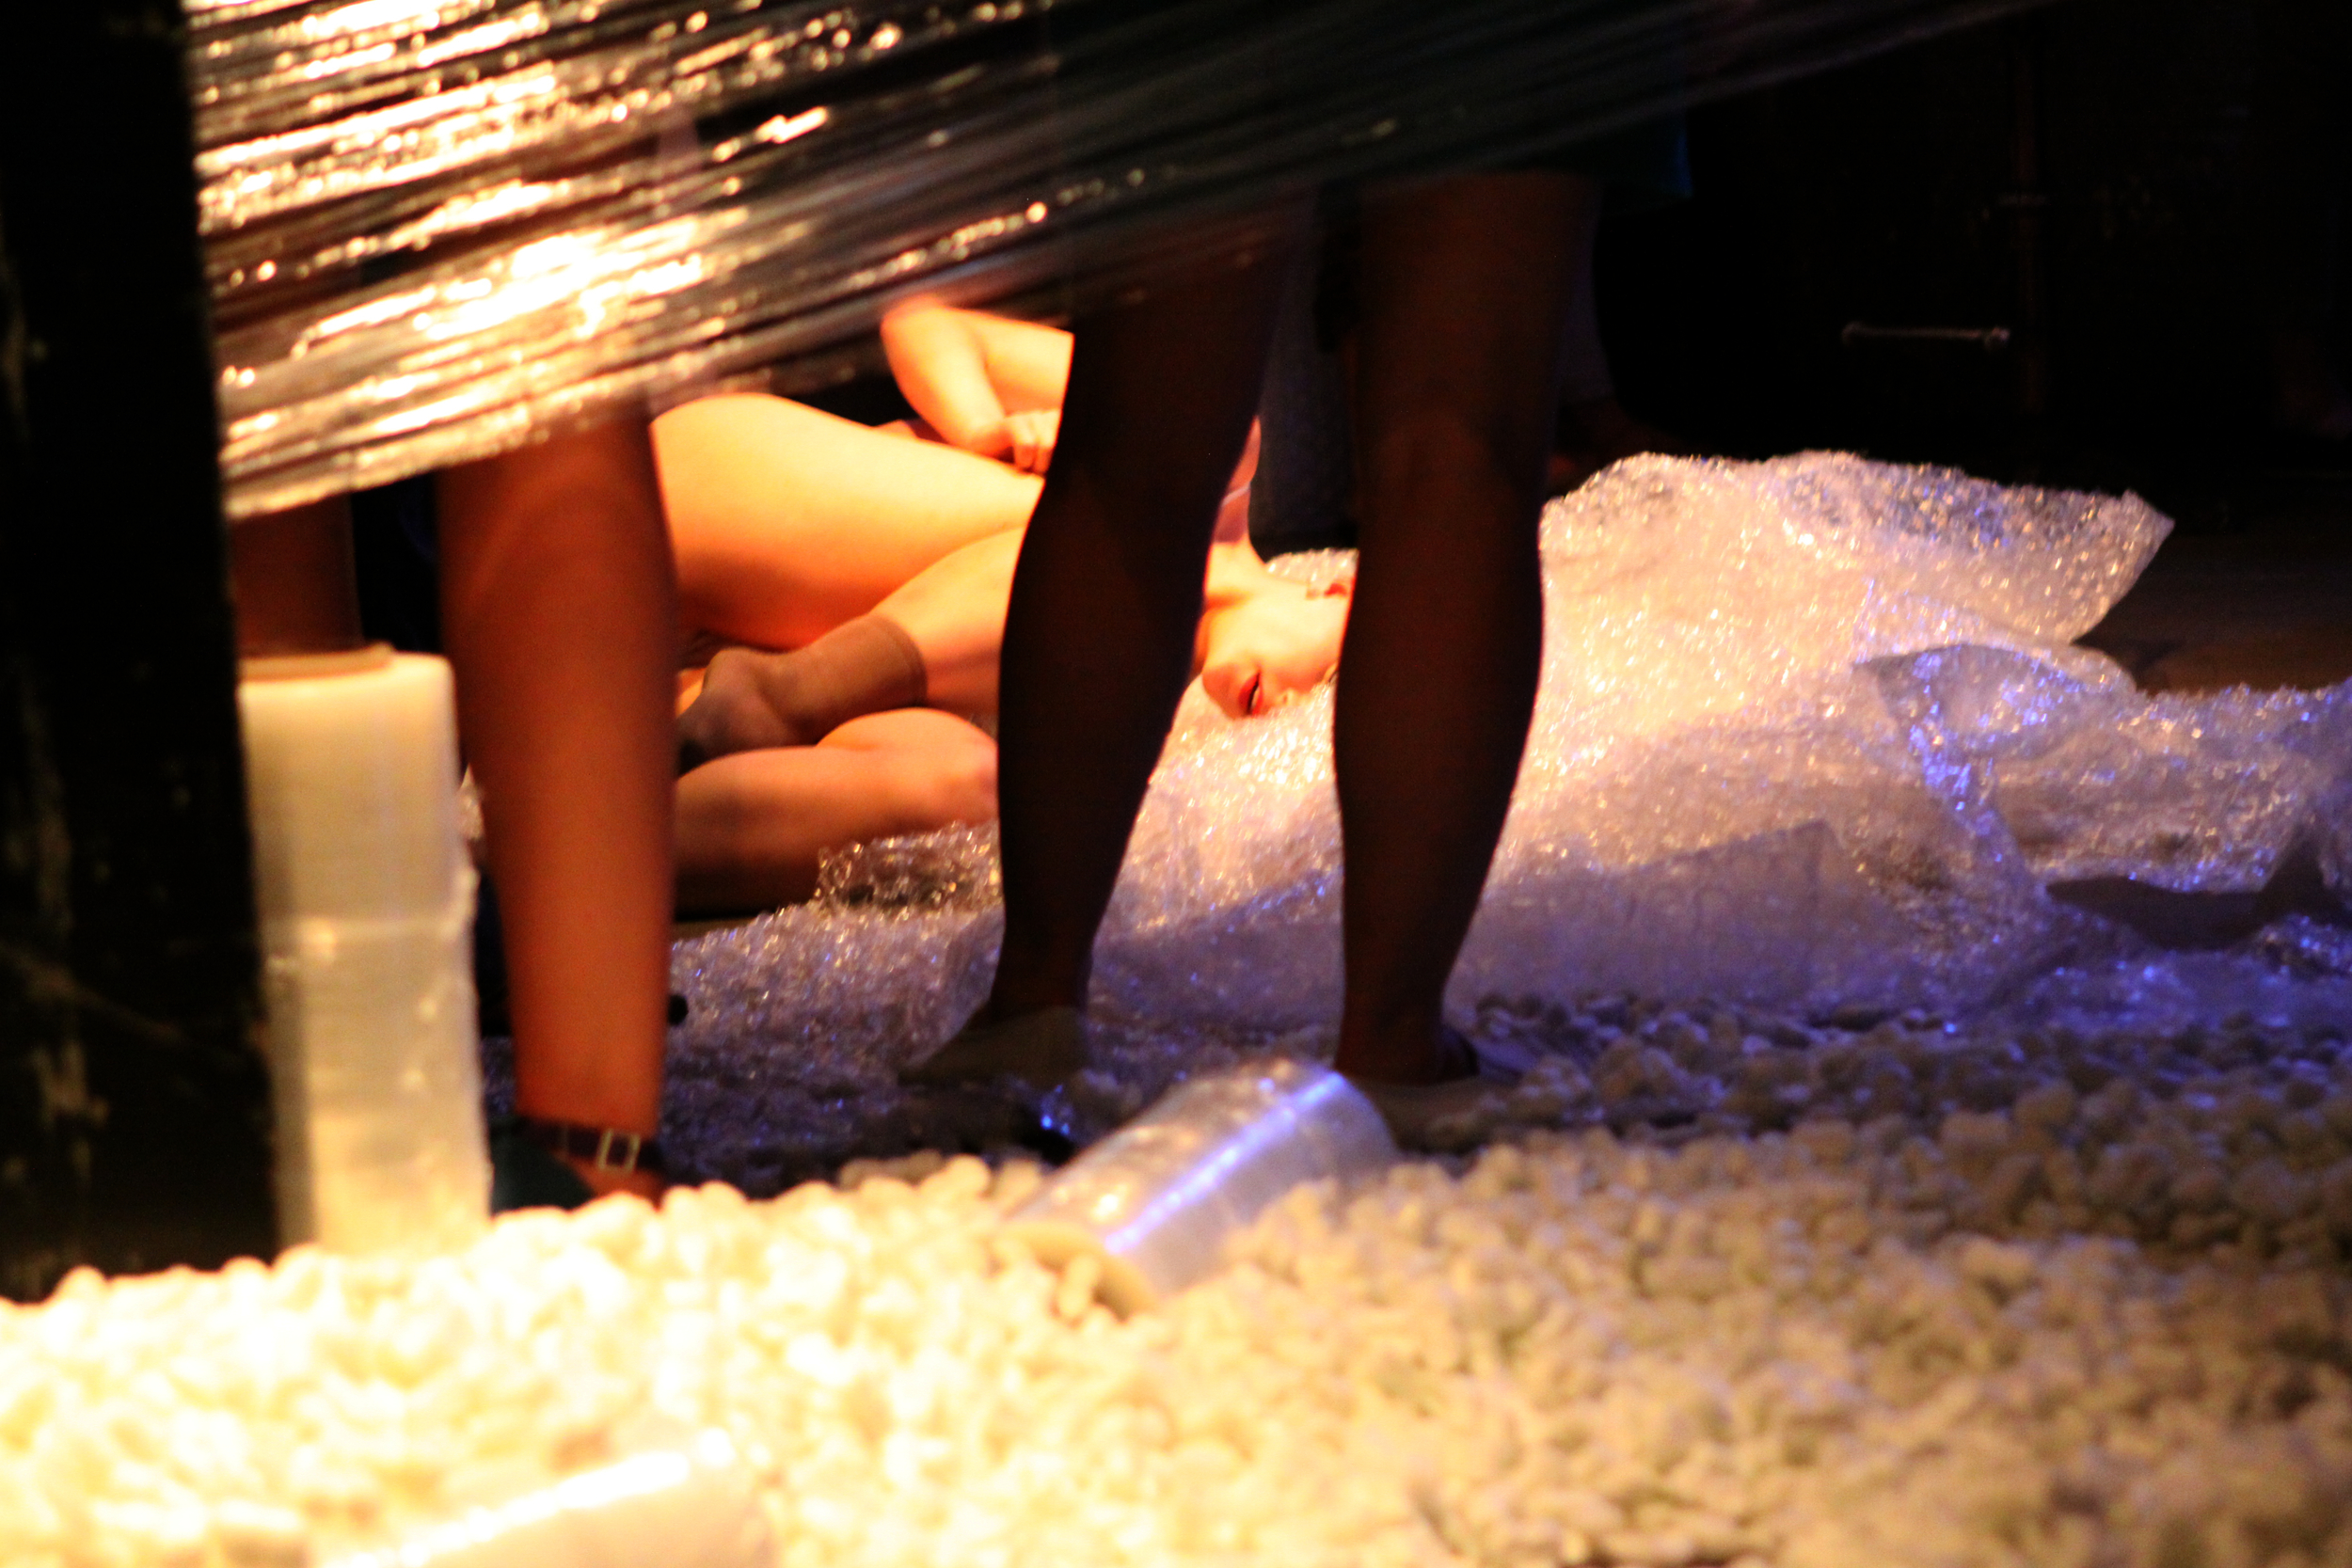 Katrina on floor_Ace_SSchrieber.jpg